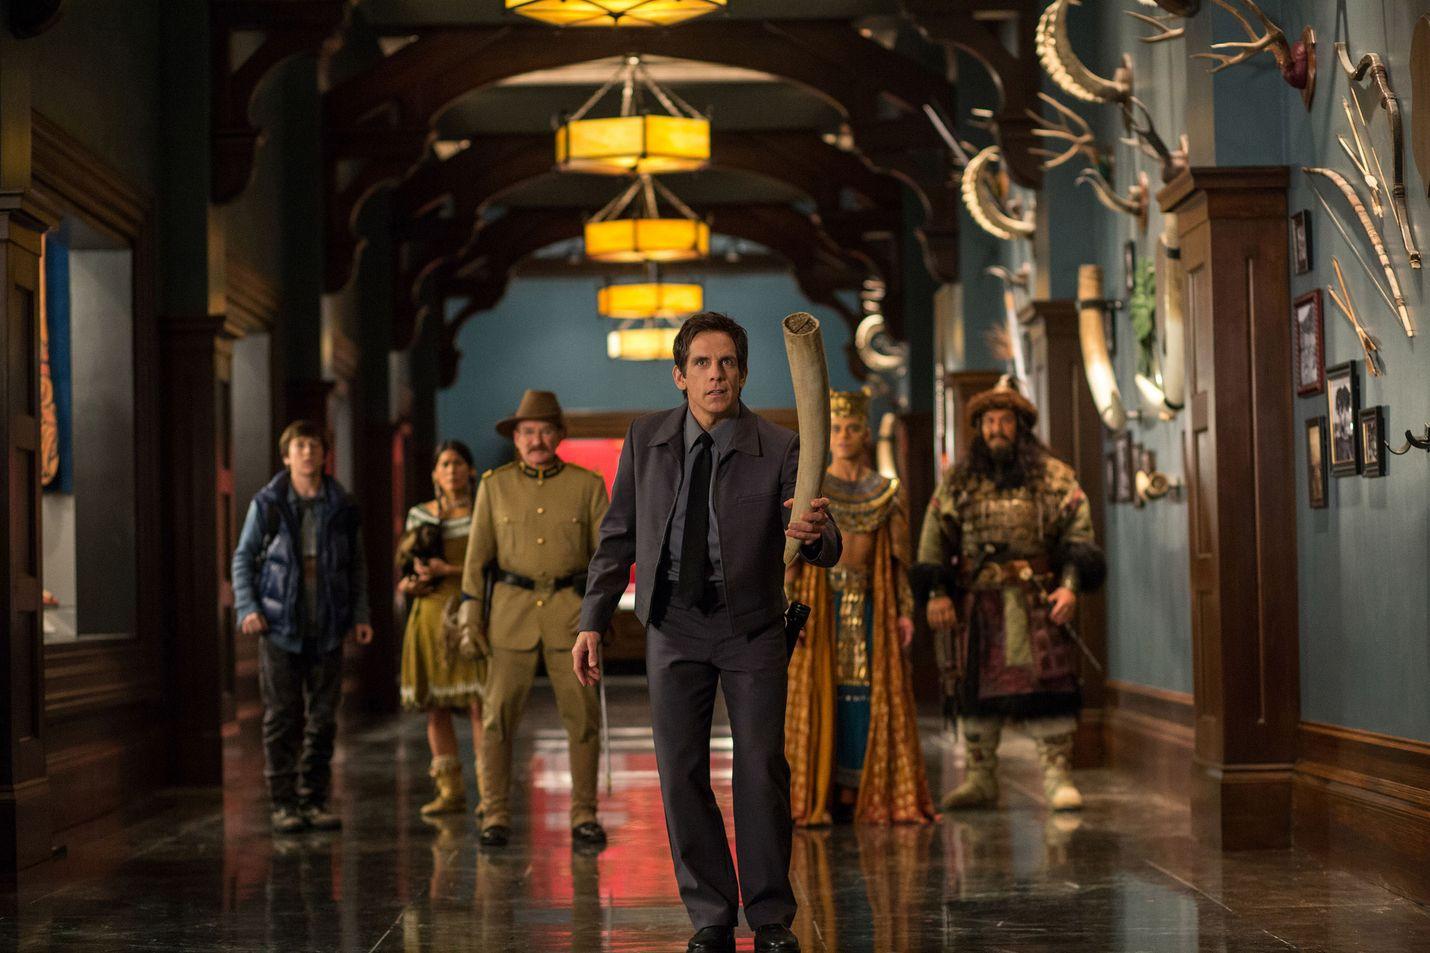 Larry Daley (Ben Stiller) kohtaa museonvartijana haasteita eloon heräävien esineiden kanssa koko perheen komediassa. Haudan salaisuus on kolmas New Yorkin luonnontieteellisen museon öistä kertova elokuva.